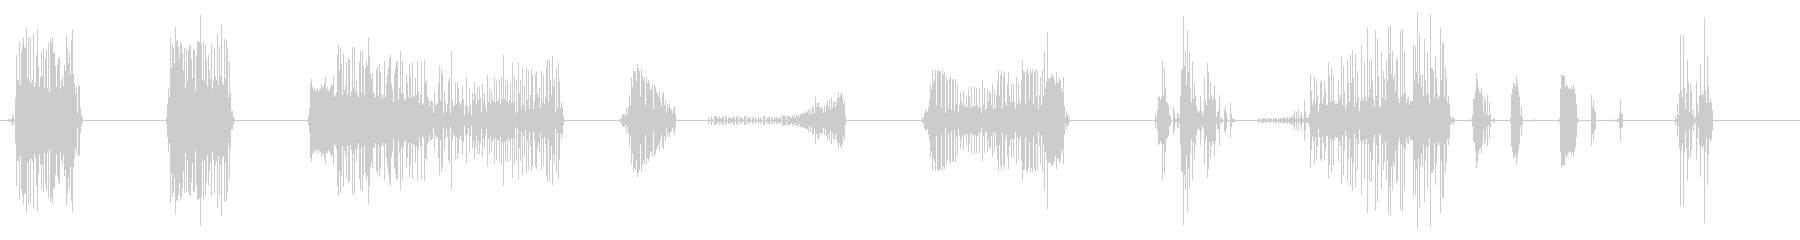 小型空気圧リベットガン;ミューティ...の未再生の波形